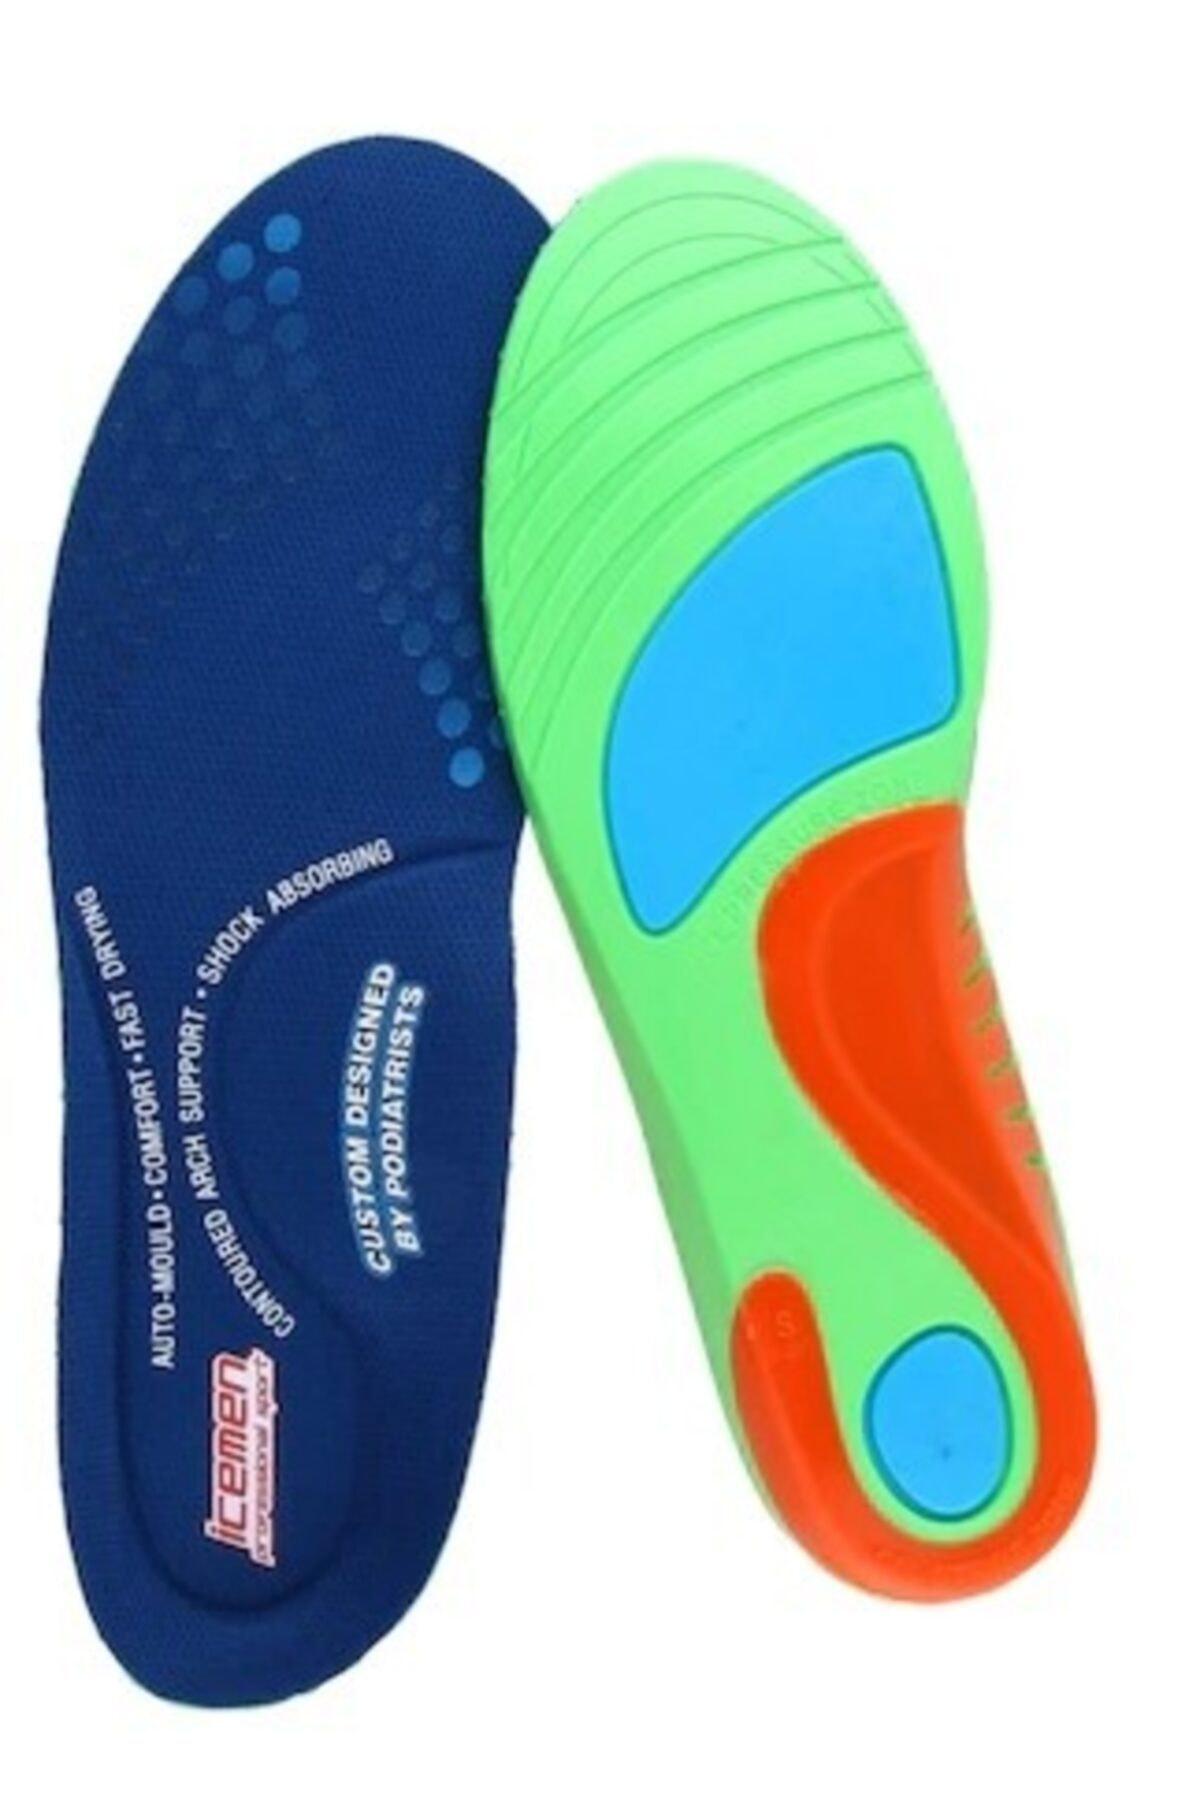 Icemen Full Ortopedik Ayakkabı Tabanlık / Spor Ayakkabı Tabanlığı 1